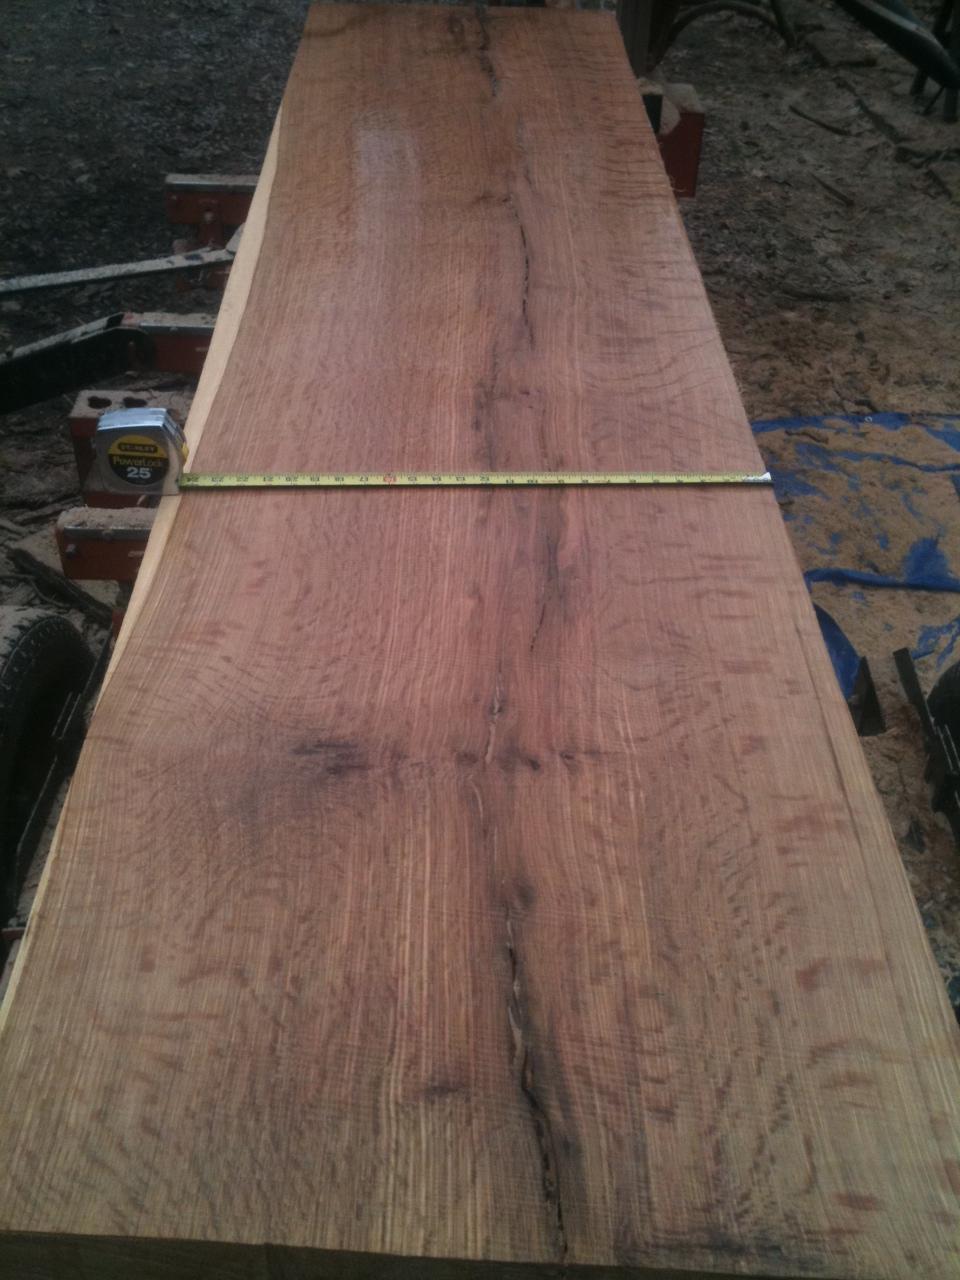 25 inch wide quarter-sawn oak